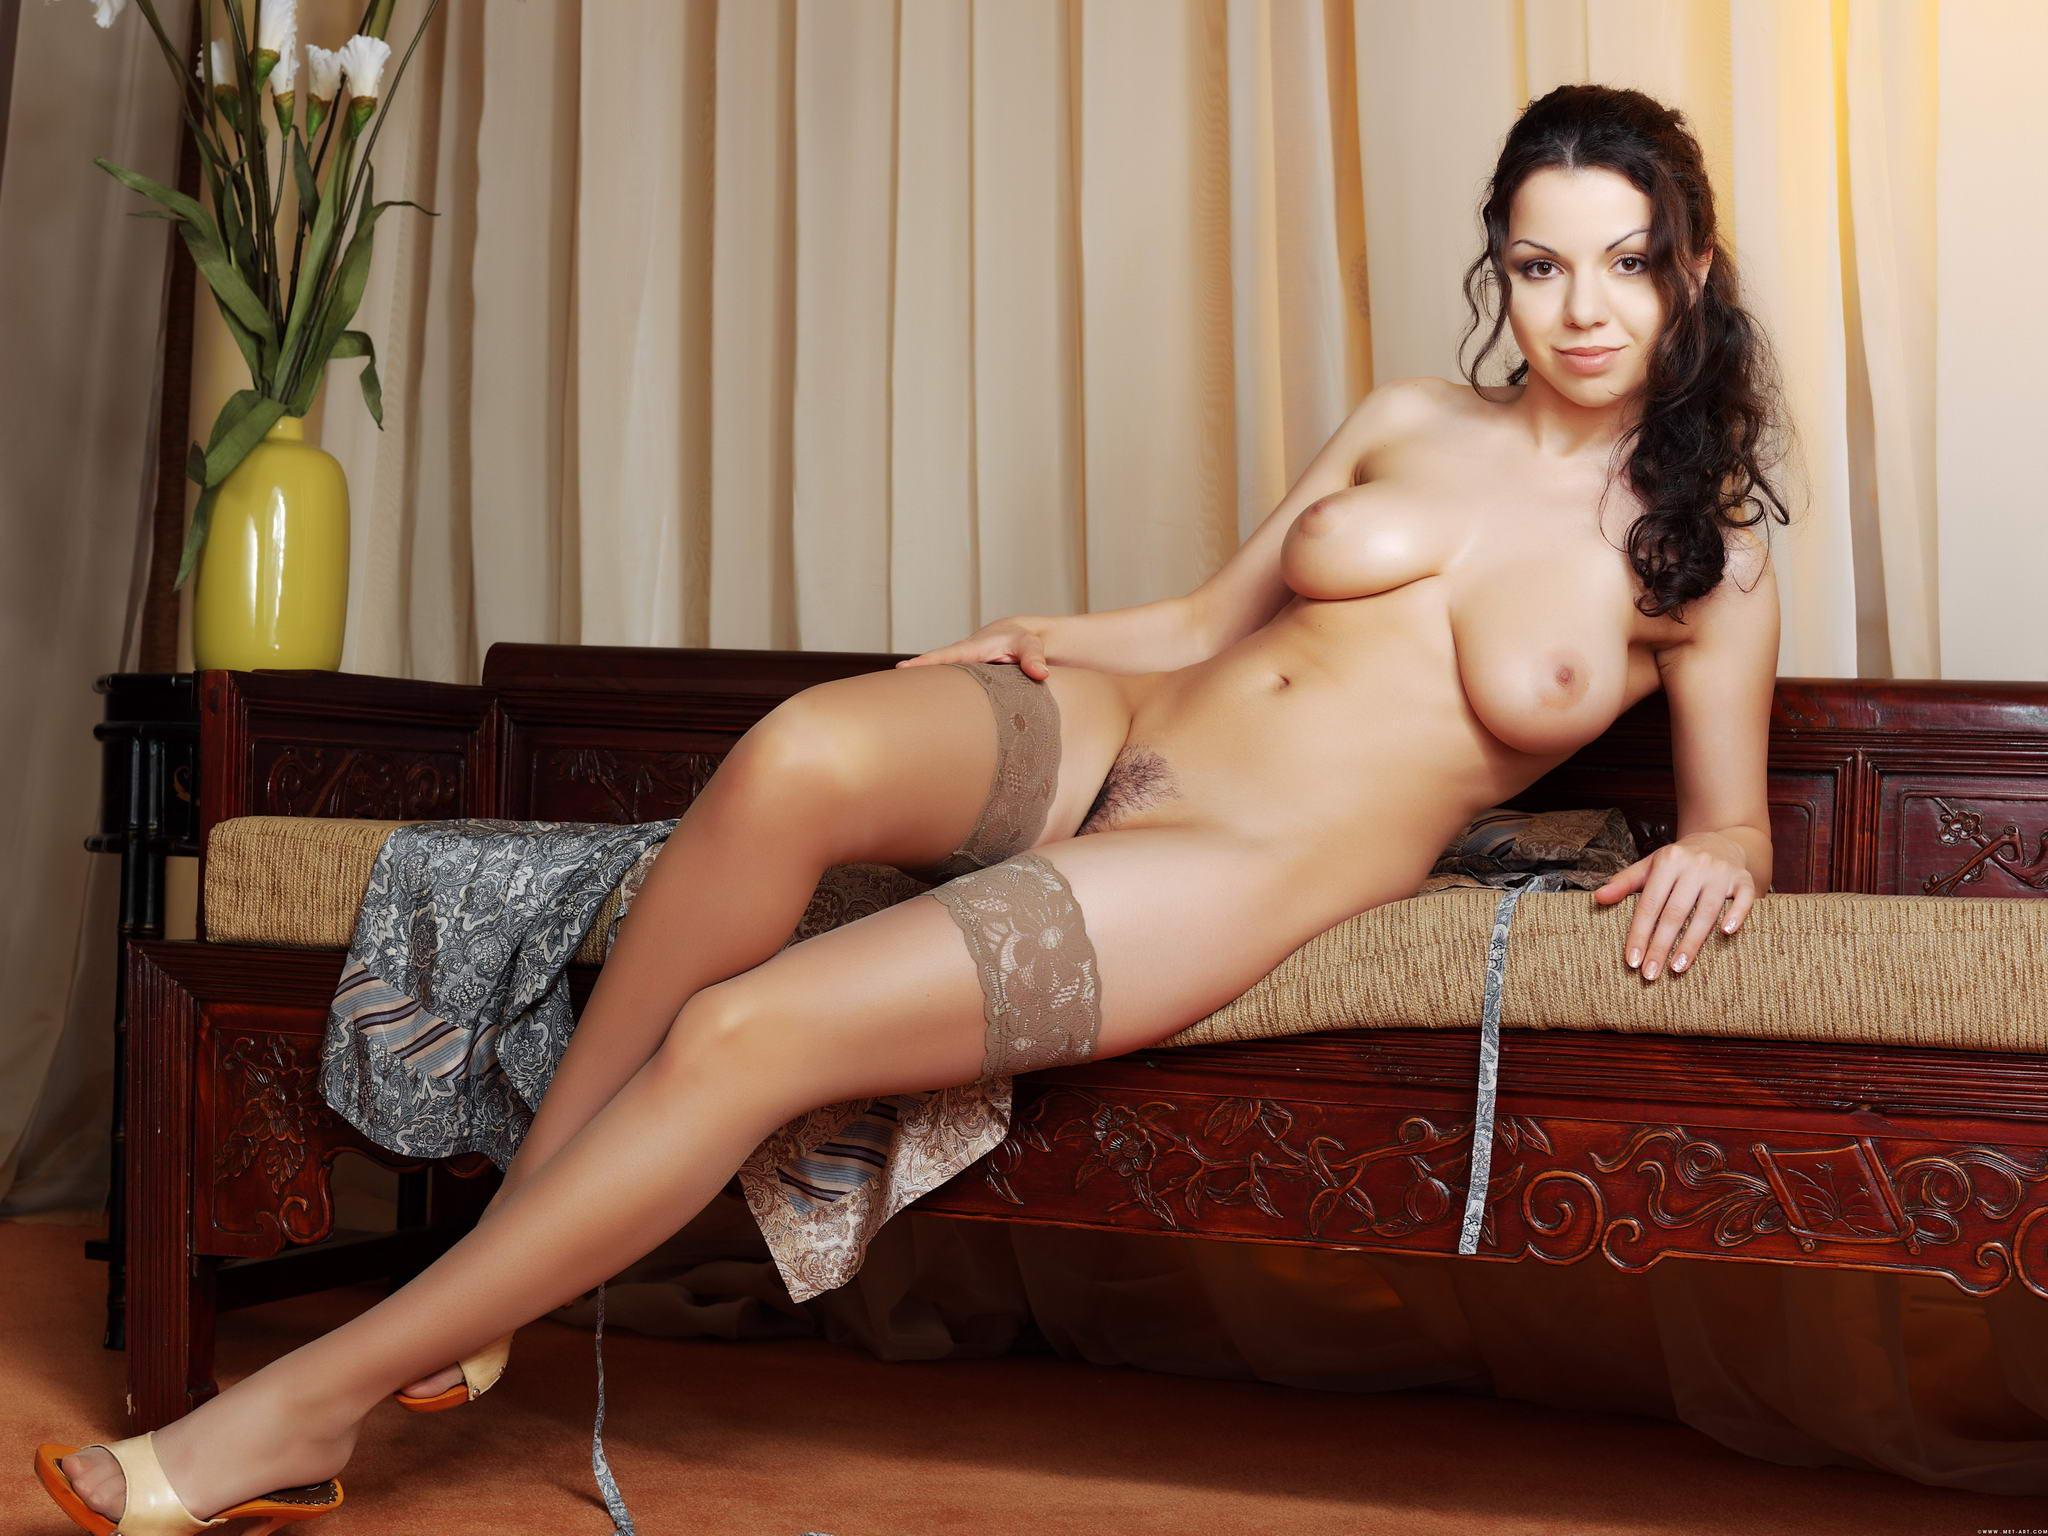 Русская порно богиня 1 фотография